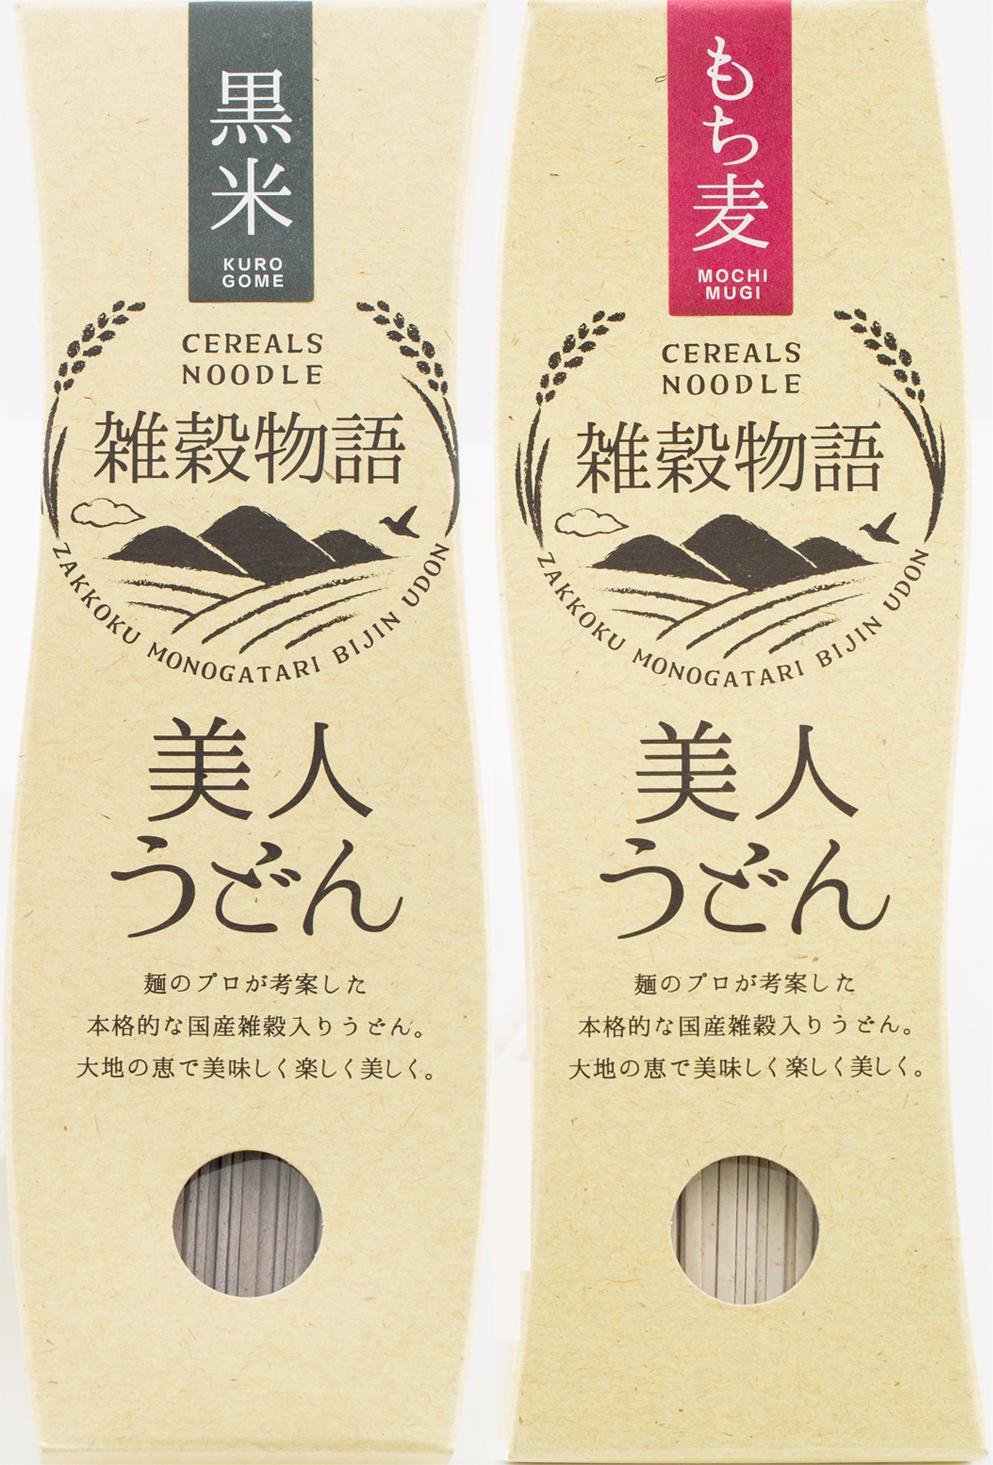 【岡山県】美人うどん 二穀(もち麦・黒米)2種セット 【産地直送・同梱不可】